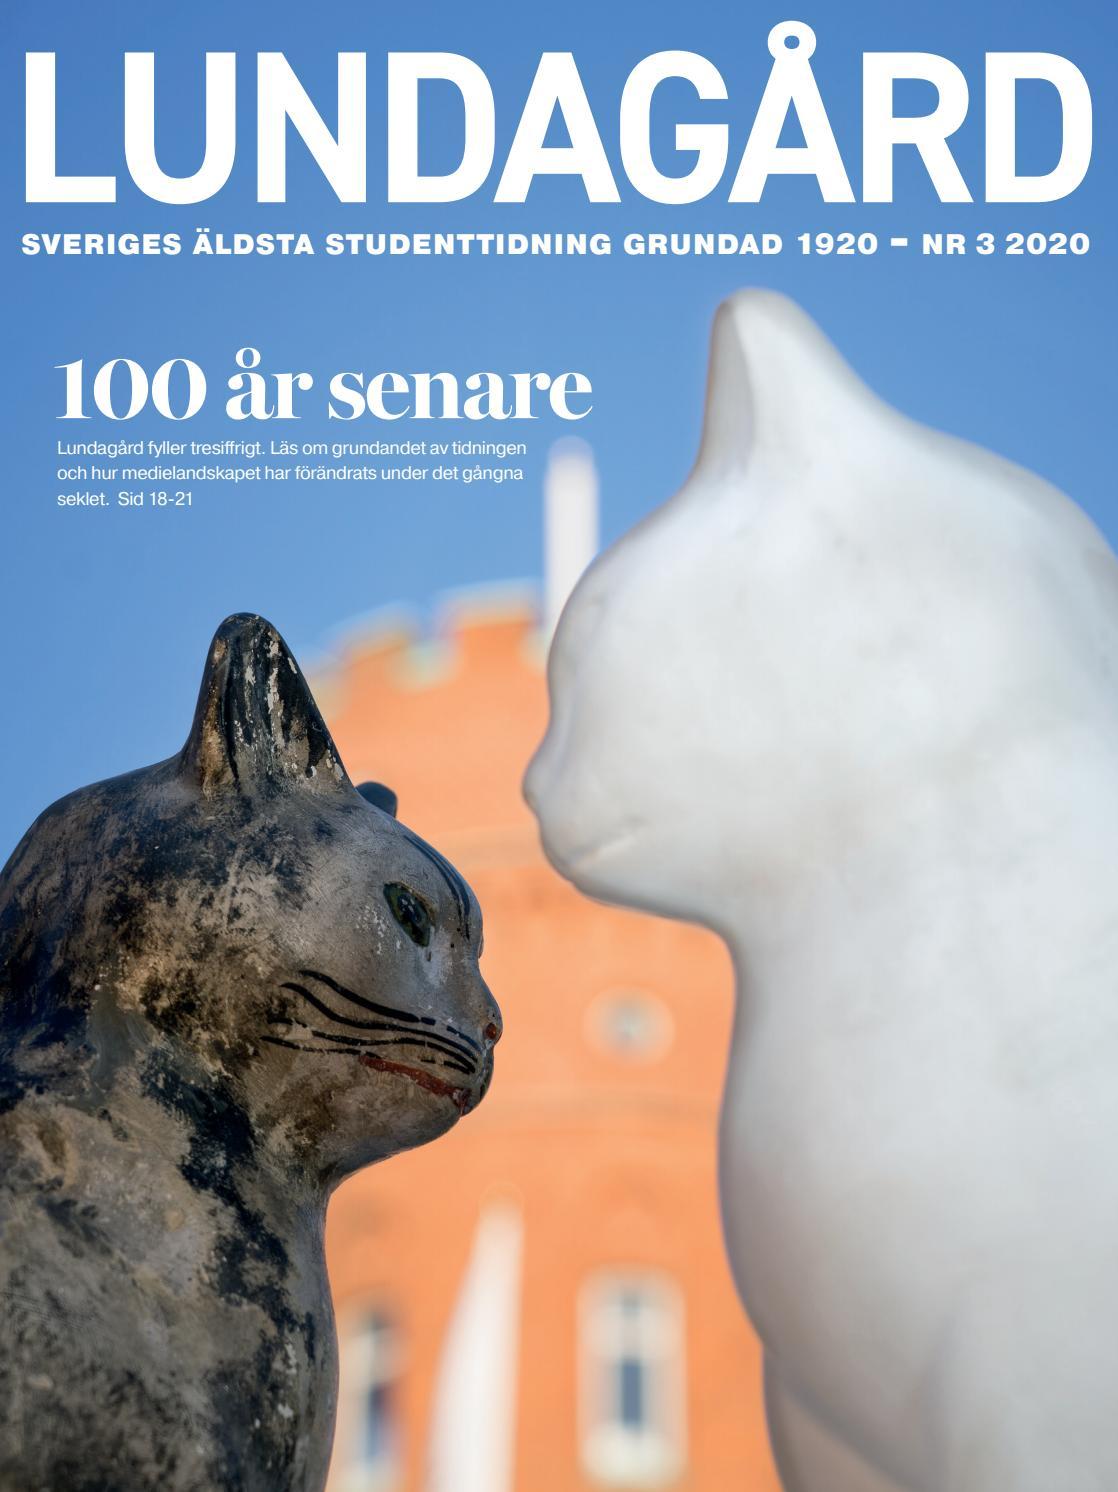 Nedre Grdsj Sex Tjejer - Svensk Sex Dating